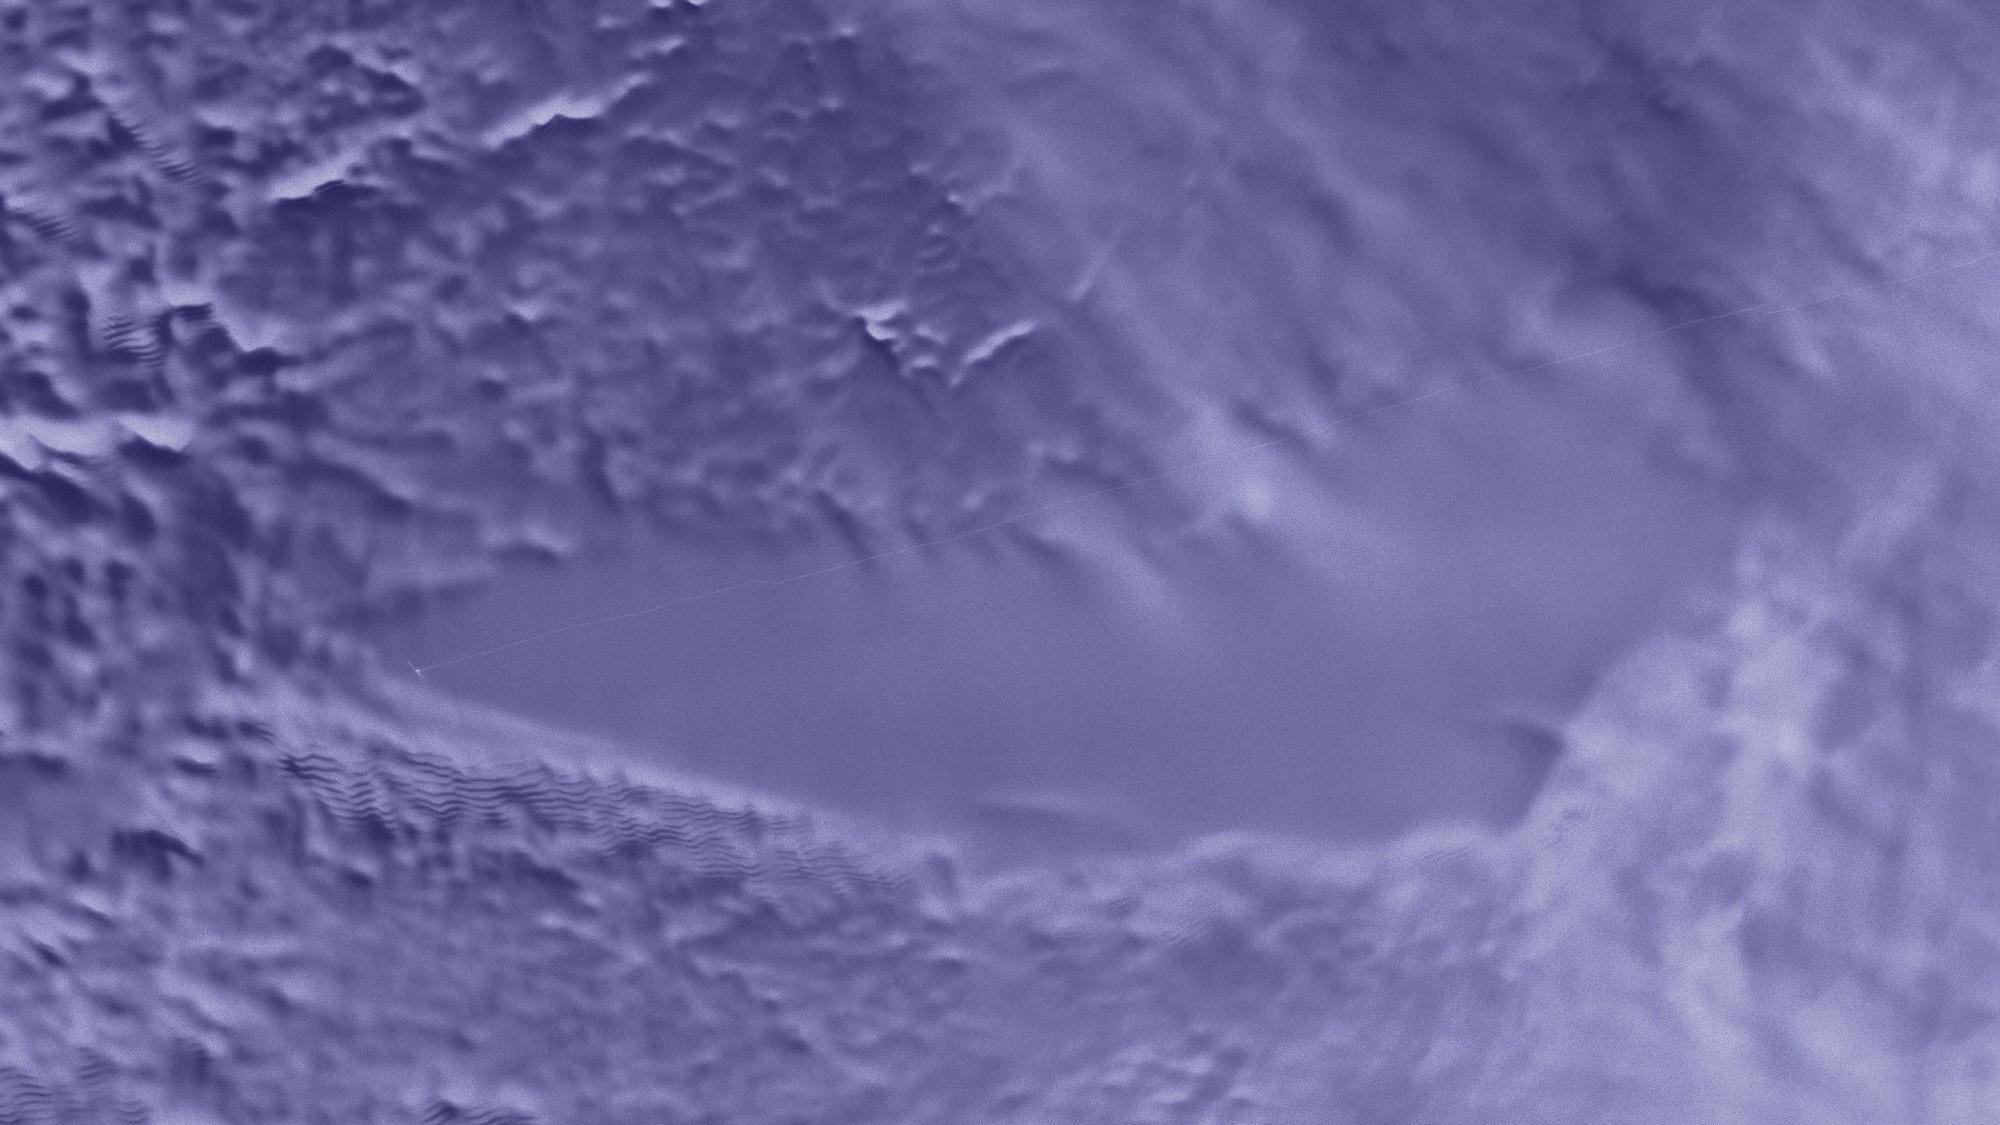 Visão de radar do lago Vostok, localizado bem abaixo do gelo da Antártica. Crédito: NASA Scientific Visualization Studio